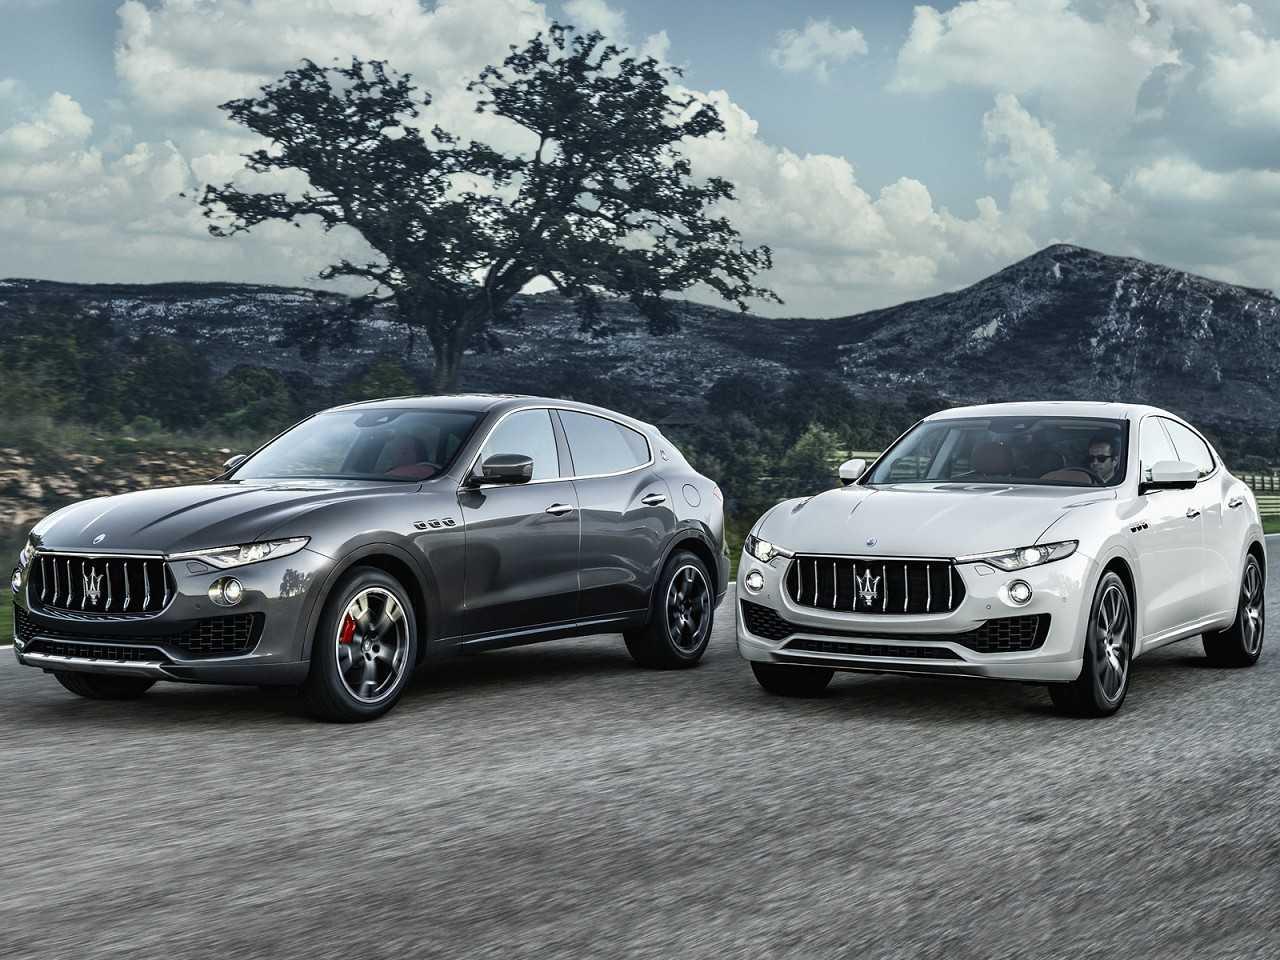 Galeria De Fotos Primeiro Suv Da Maserati Levante Fara Estreia No Salao De Sp Autoo